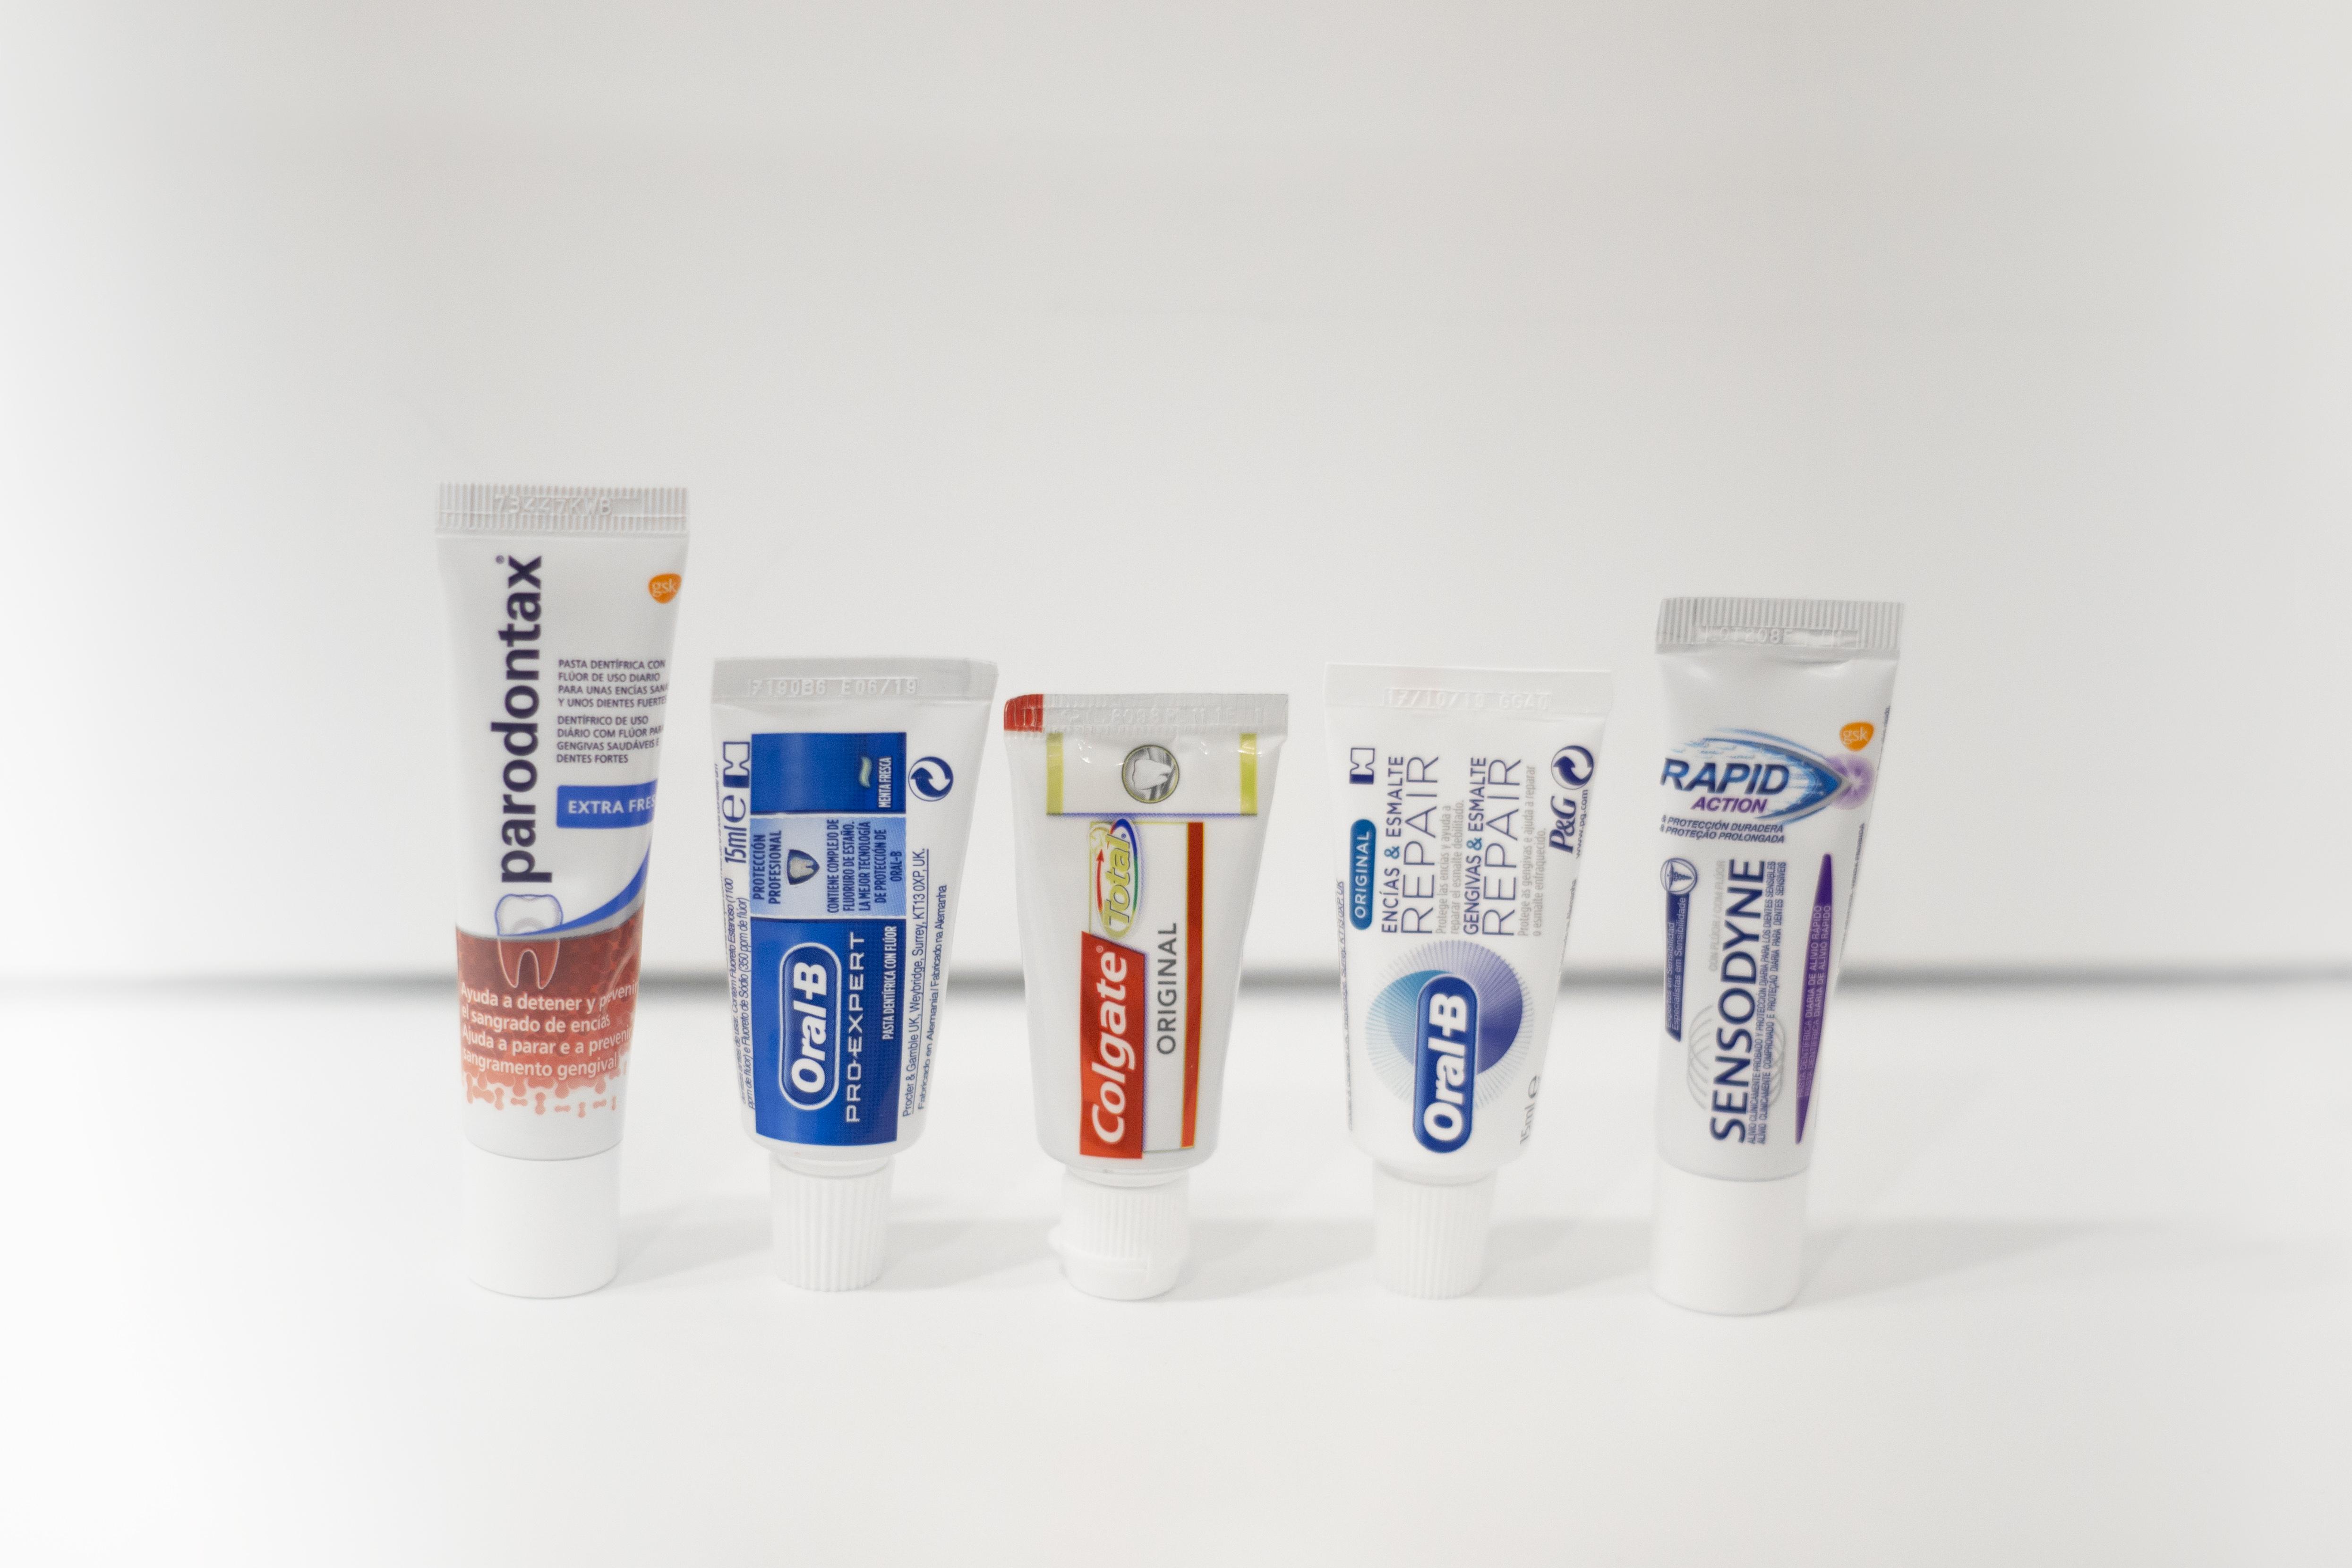 pastas-de-dientes-clinica-dental-murcia-velez-y-lozano